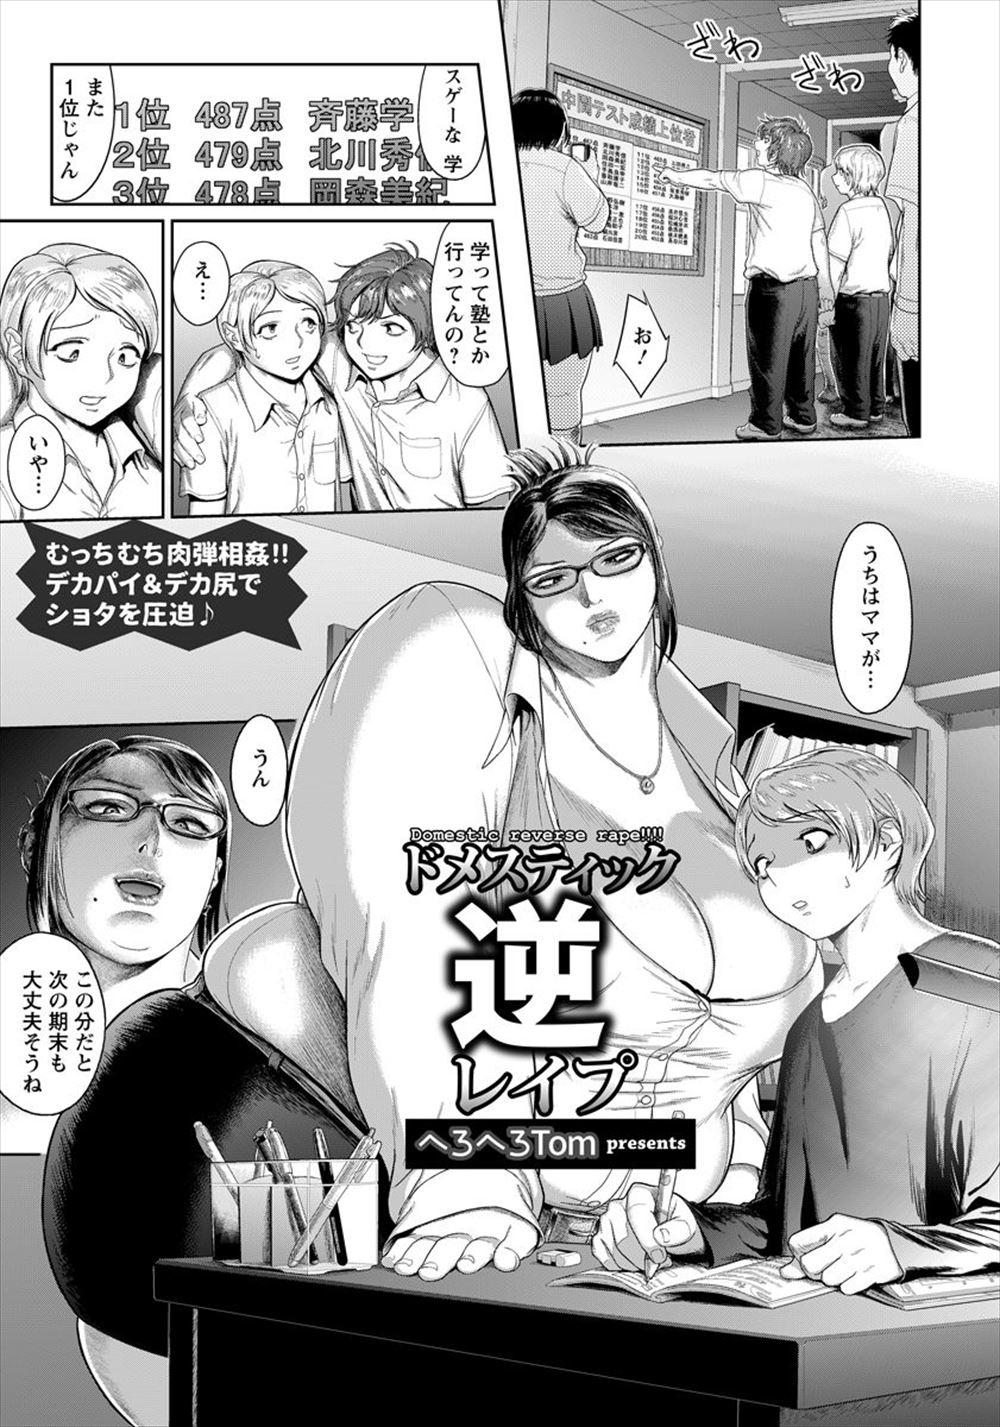 【エロ漫画】何かとデカい母親や姉たちに性欲処理されることになった弟は四六時中逆レイプされるwwwwww